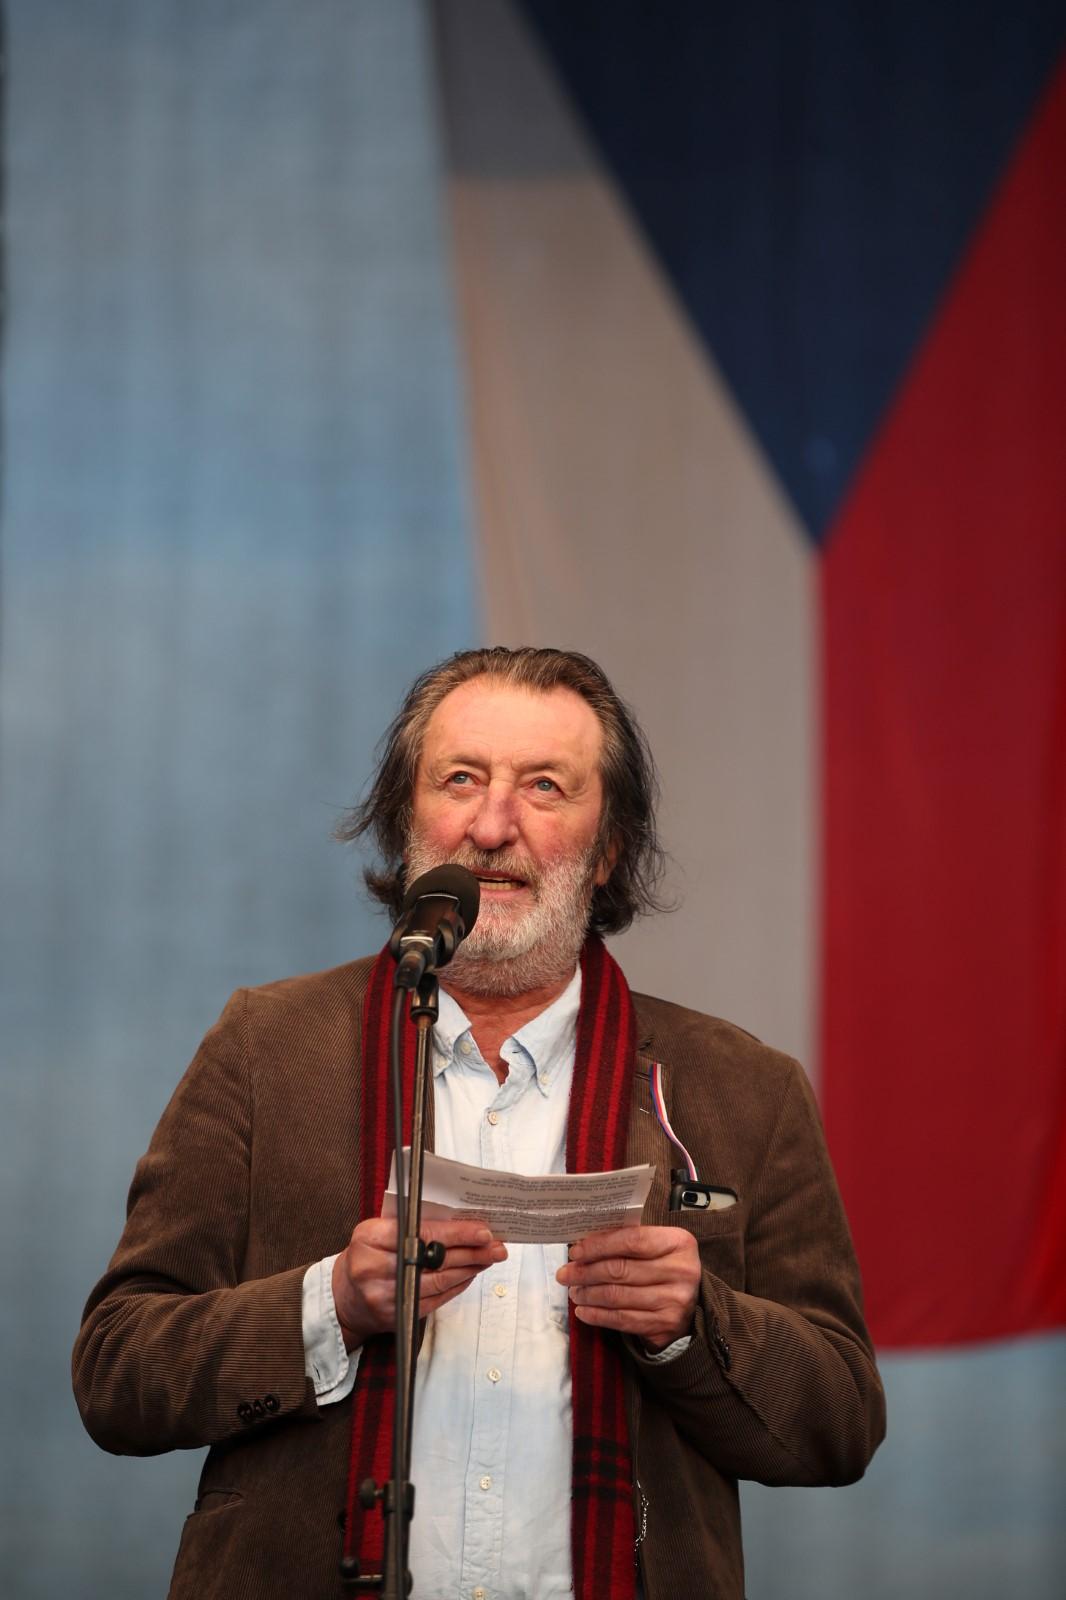 Herec Bolek Polívka hovoří na pódiu během letenské demonstrace spojené s 30. výročím sametové revoluce (16. 11. 2019)